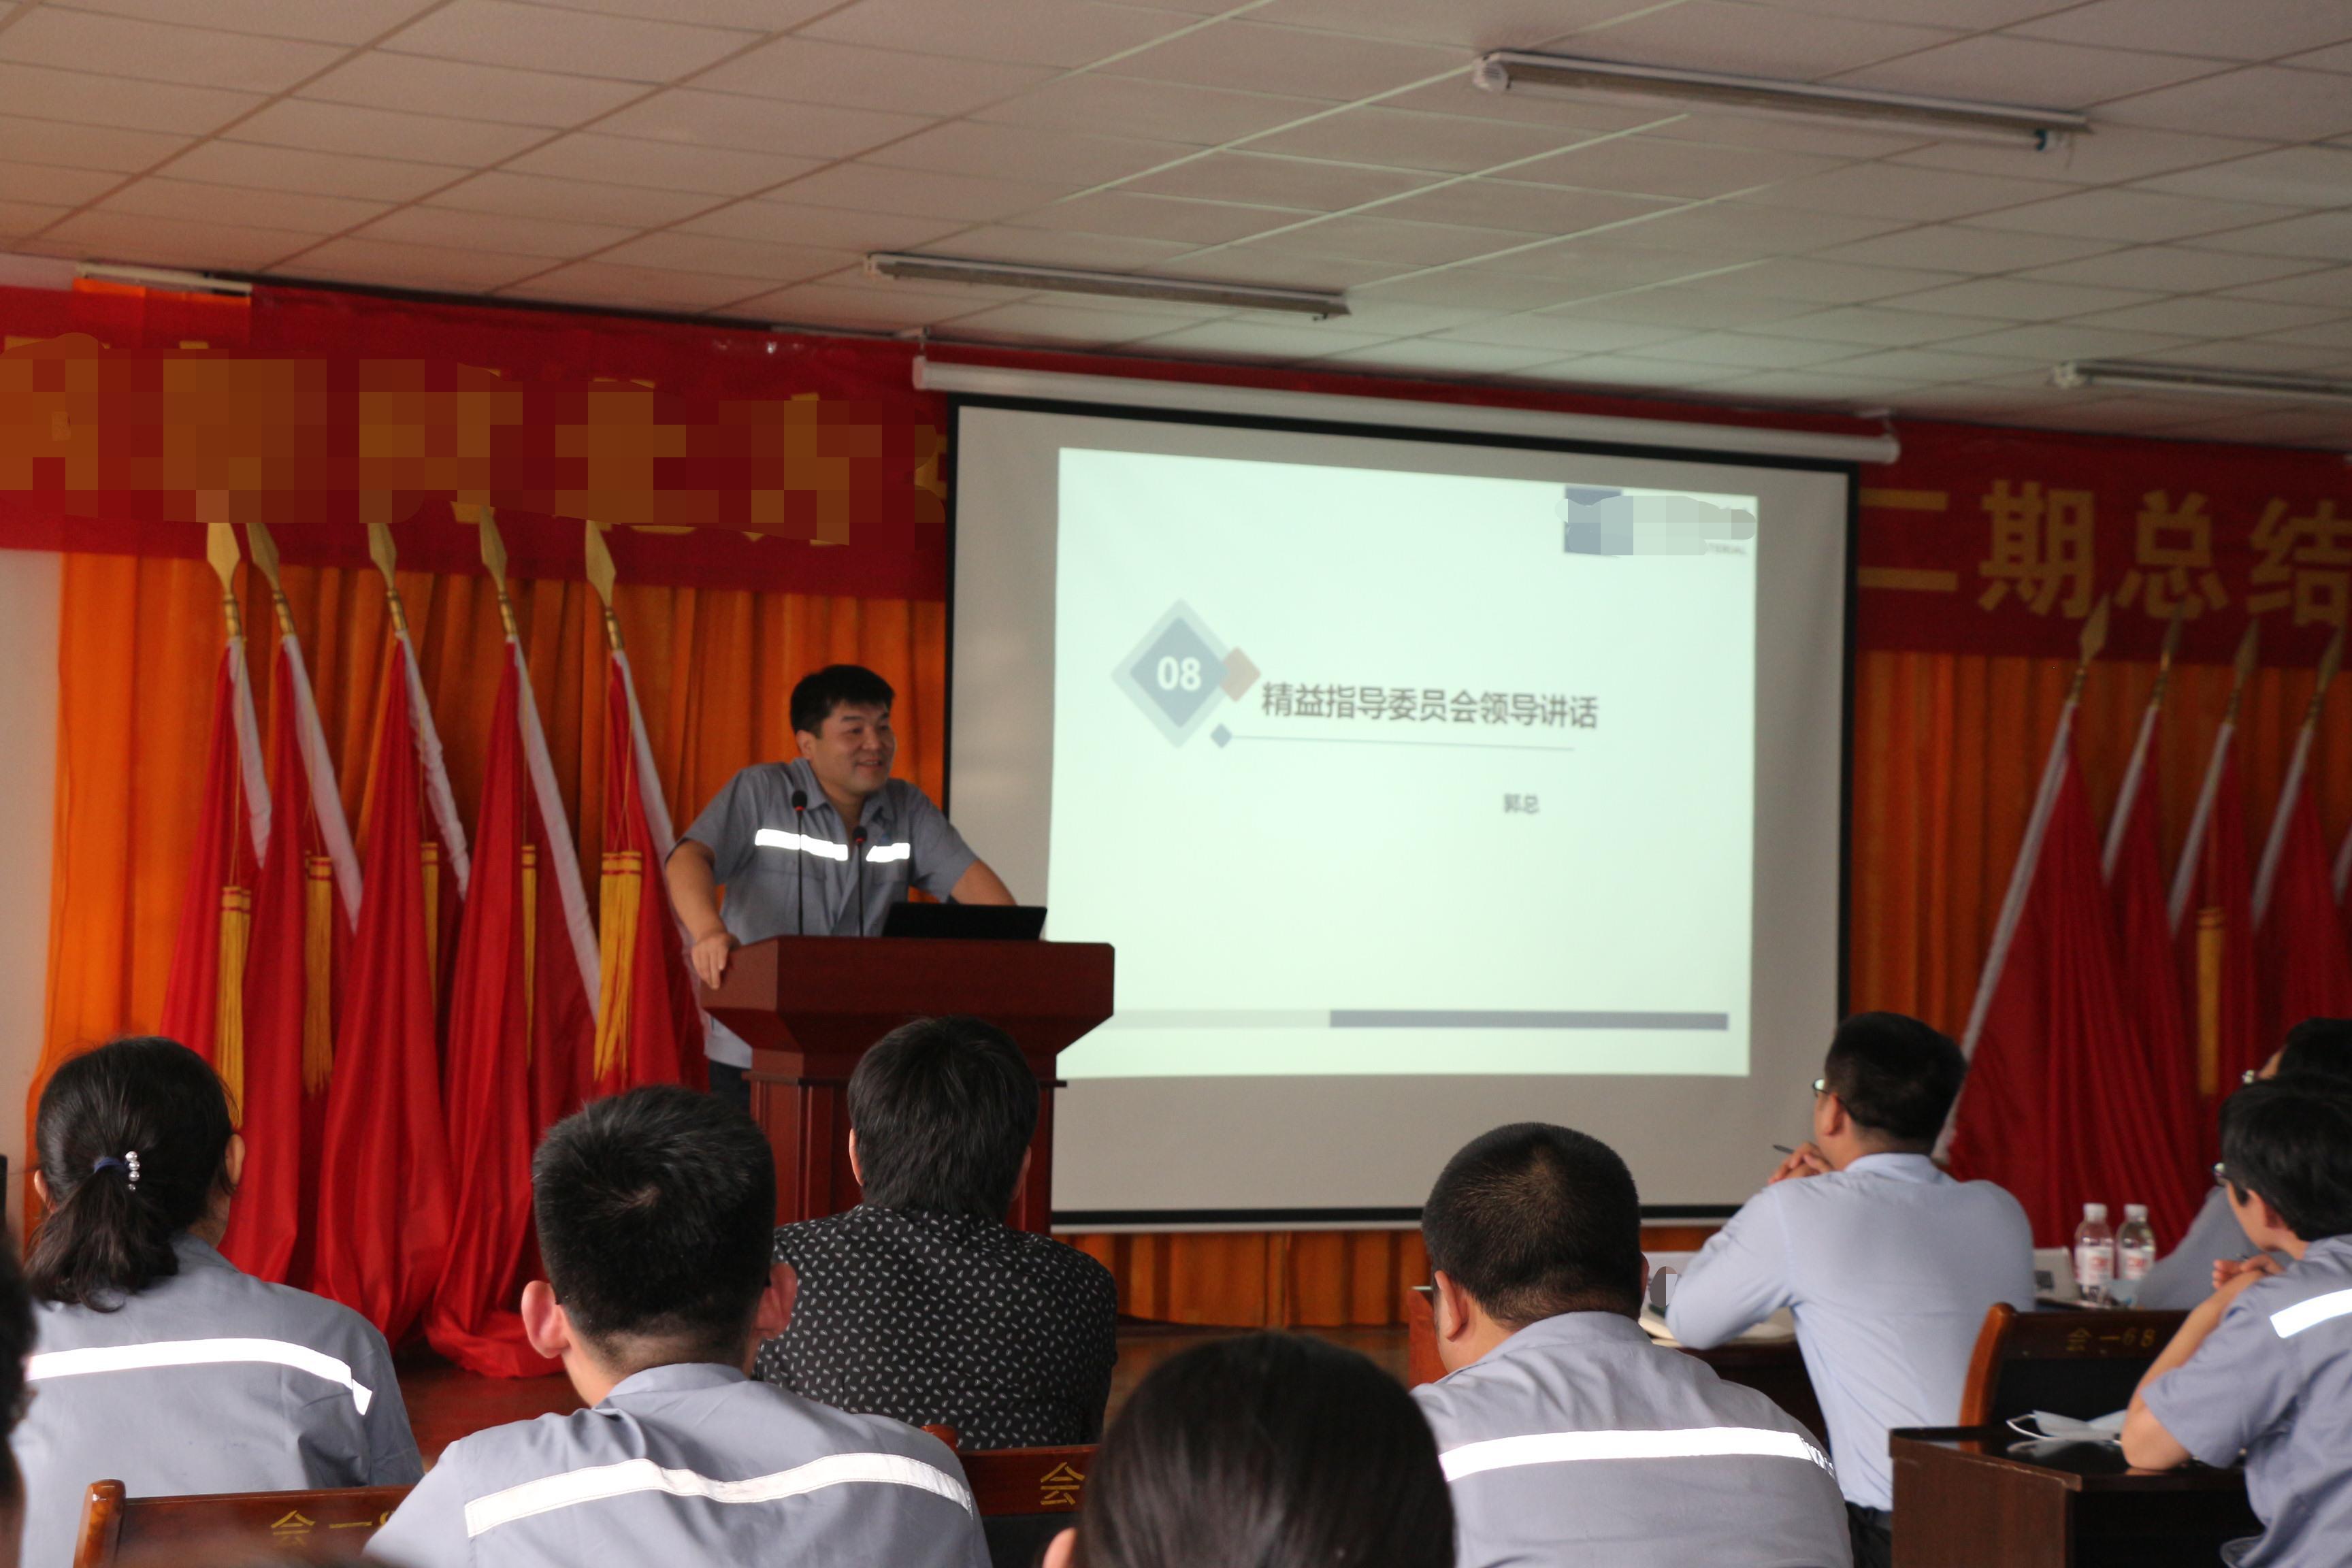 【咨询动态】青岛某复合新材料科技有限公司精益六西格玛项目二期总结会